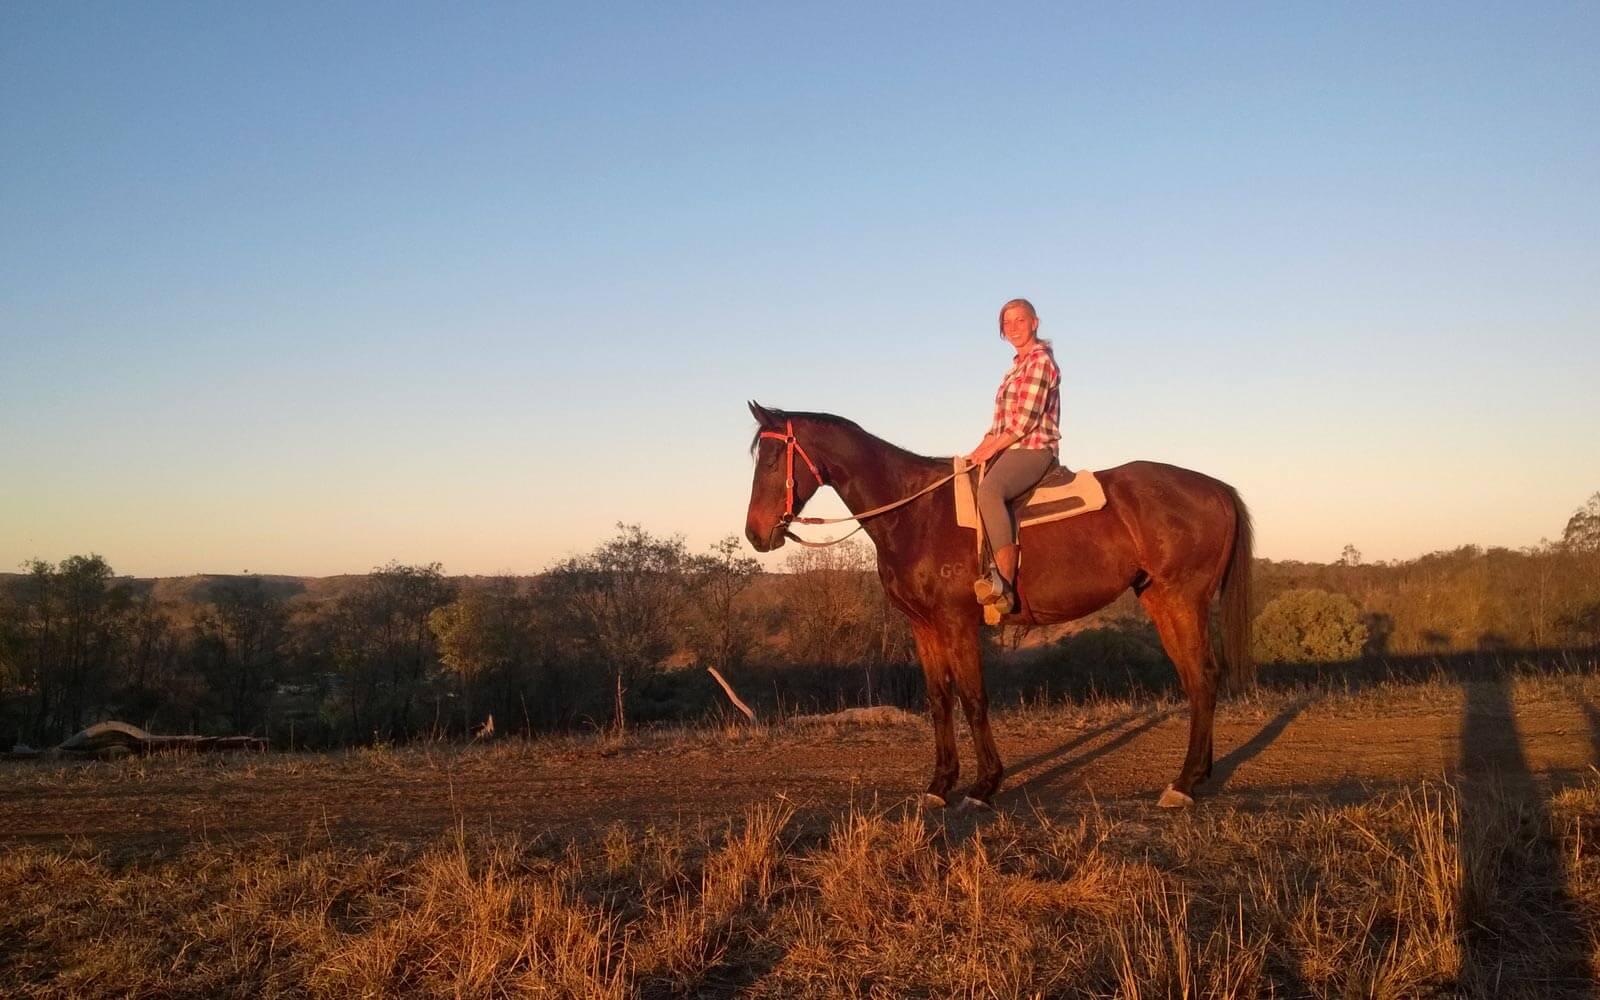 Farmarbeit-Australien-Ausritt-bei-Sonnenuntergang